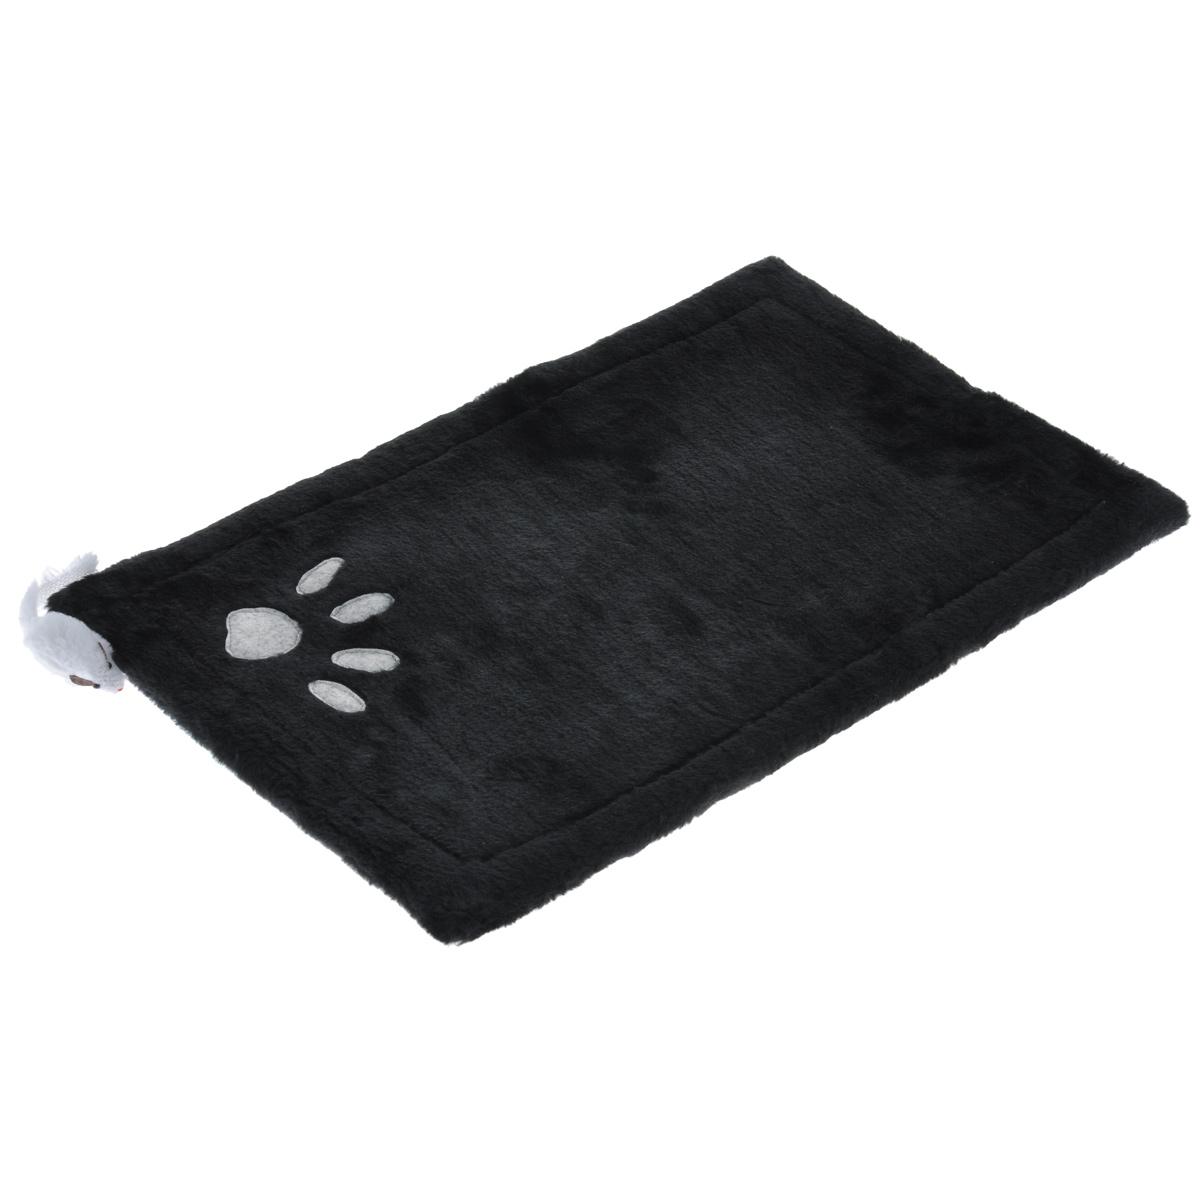 Когтеточка-коврик для кошек  I.P.T.S. , 0405155 цвет: черный, 48 см х 31 см - Когтеточки и игровые комплексы